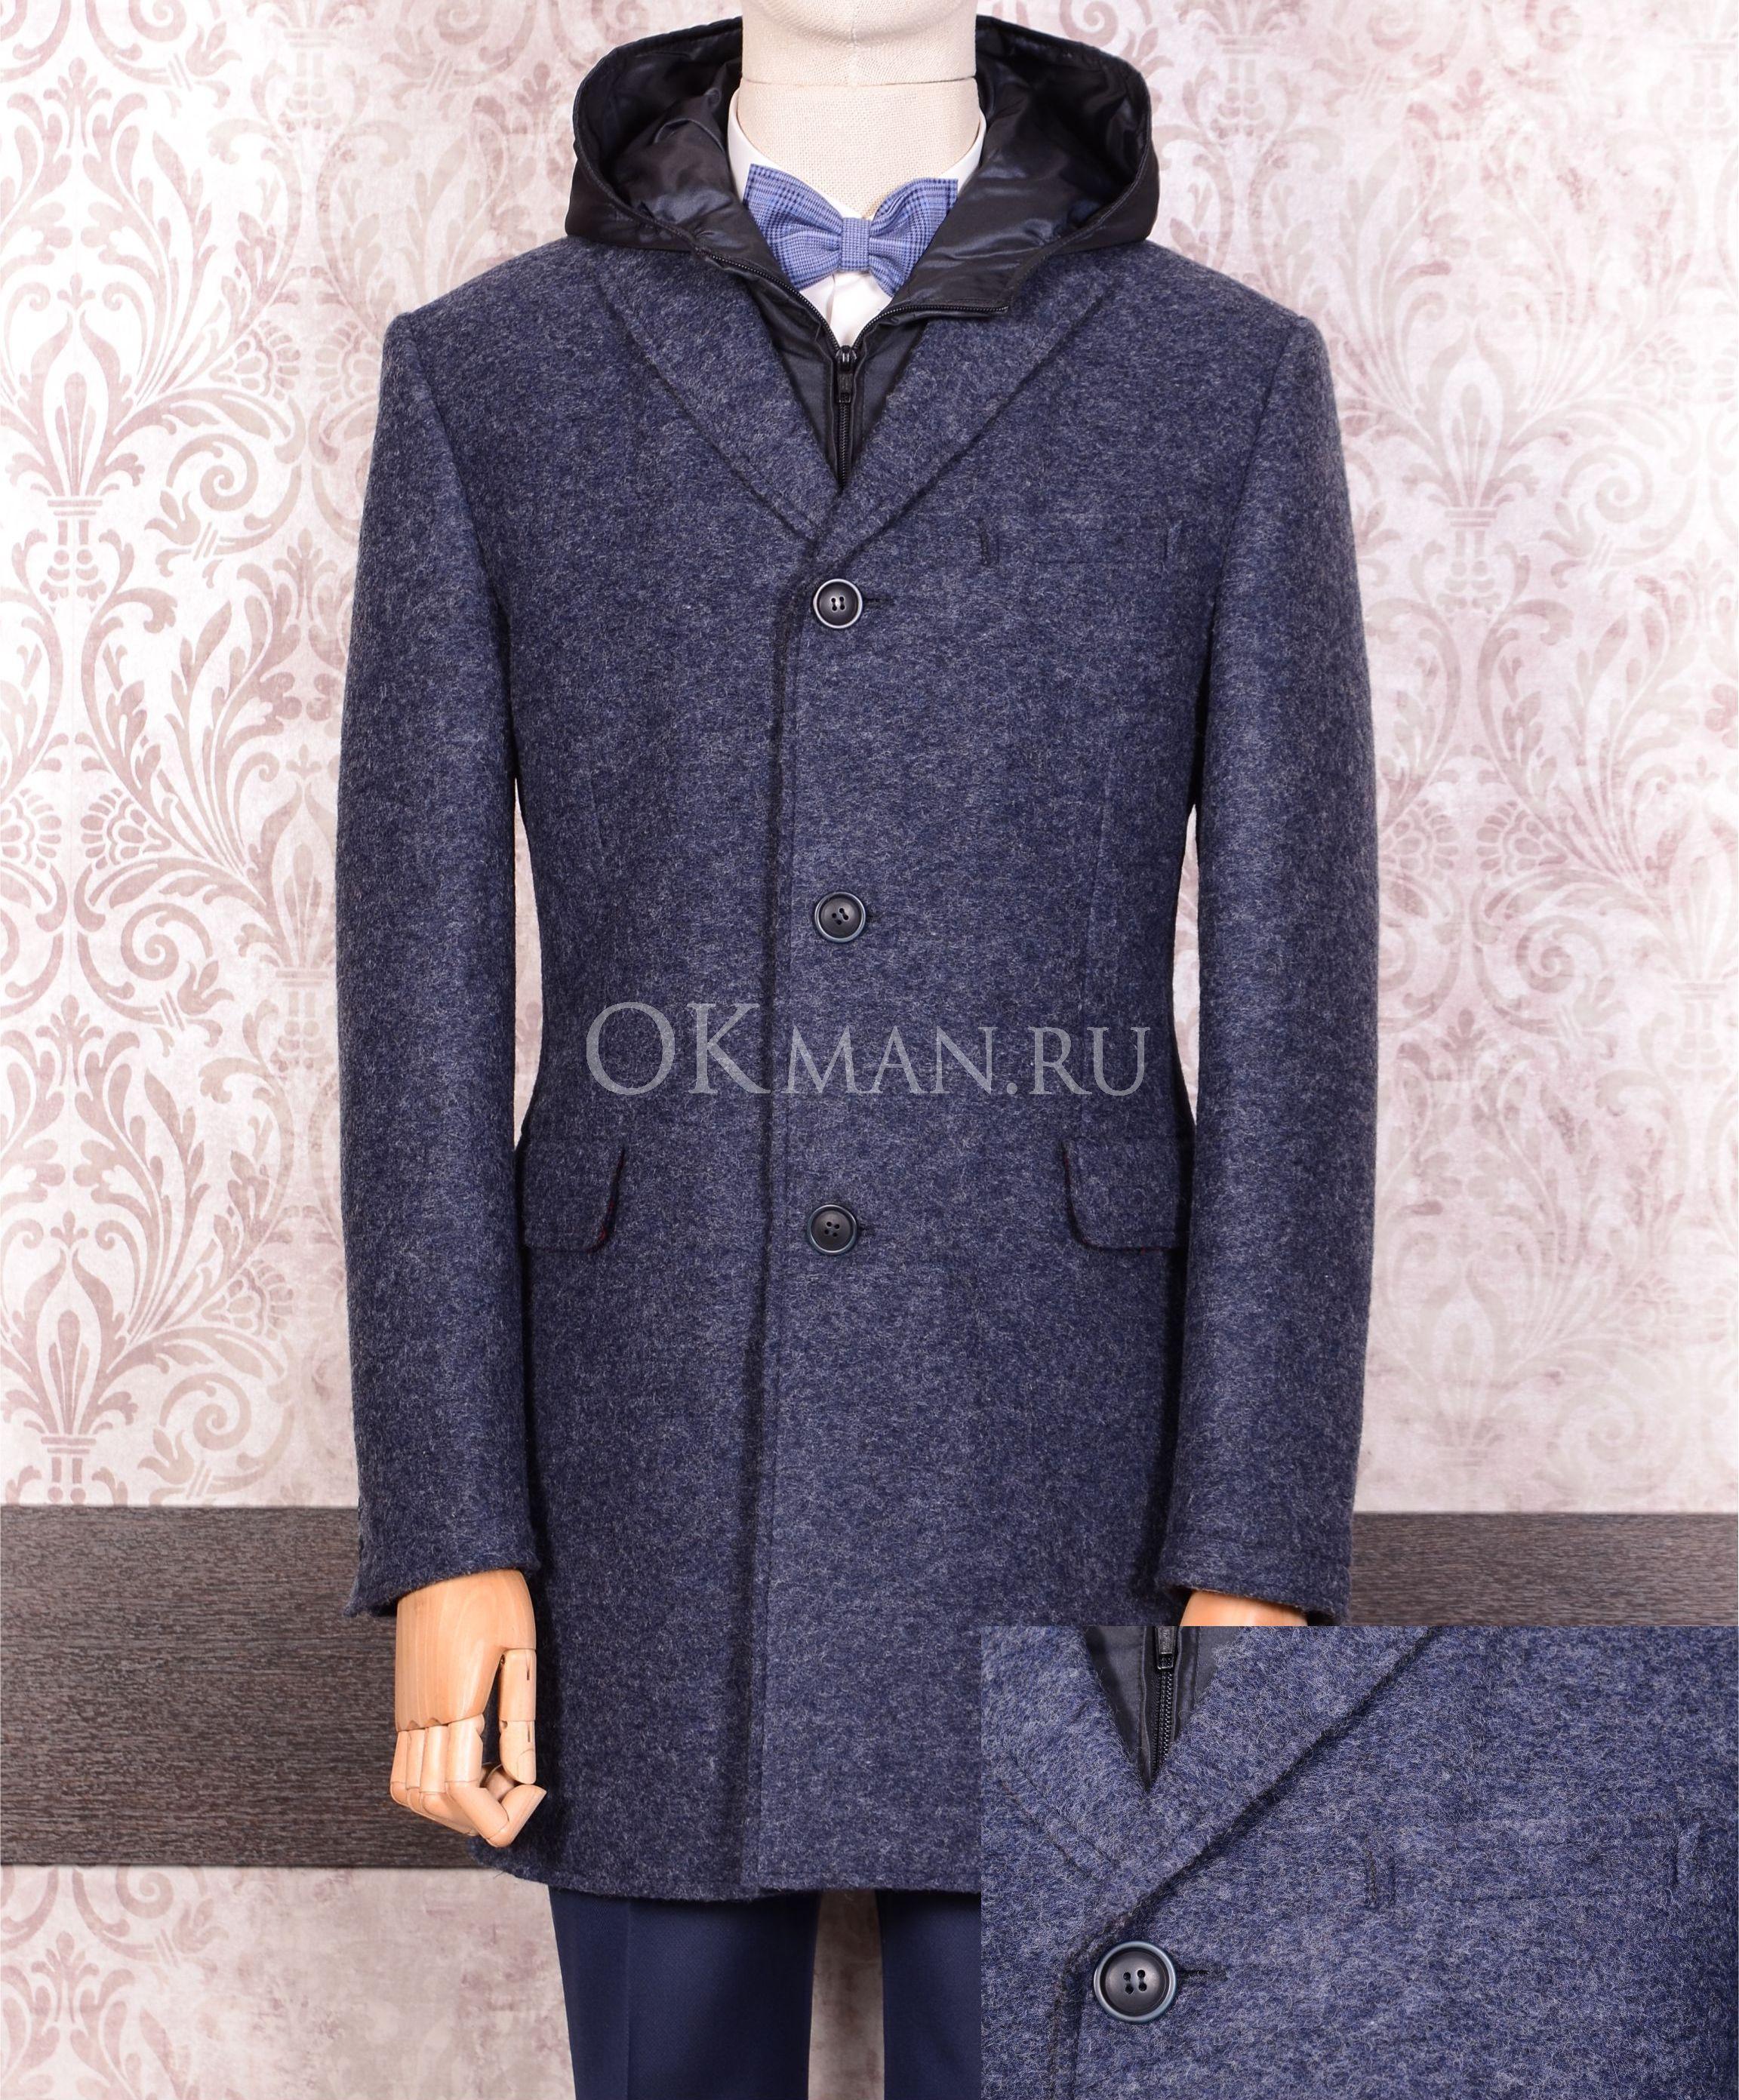 e1e51dec0938 Мужское демисезонное пальто Barkland Нейтон - Пальто мужское ...